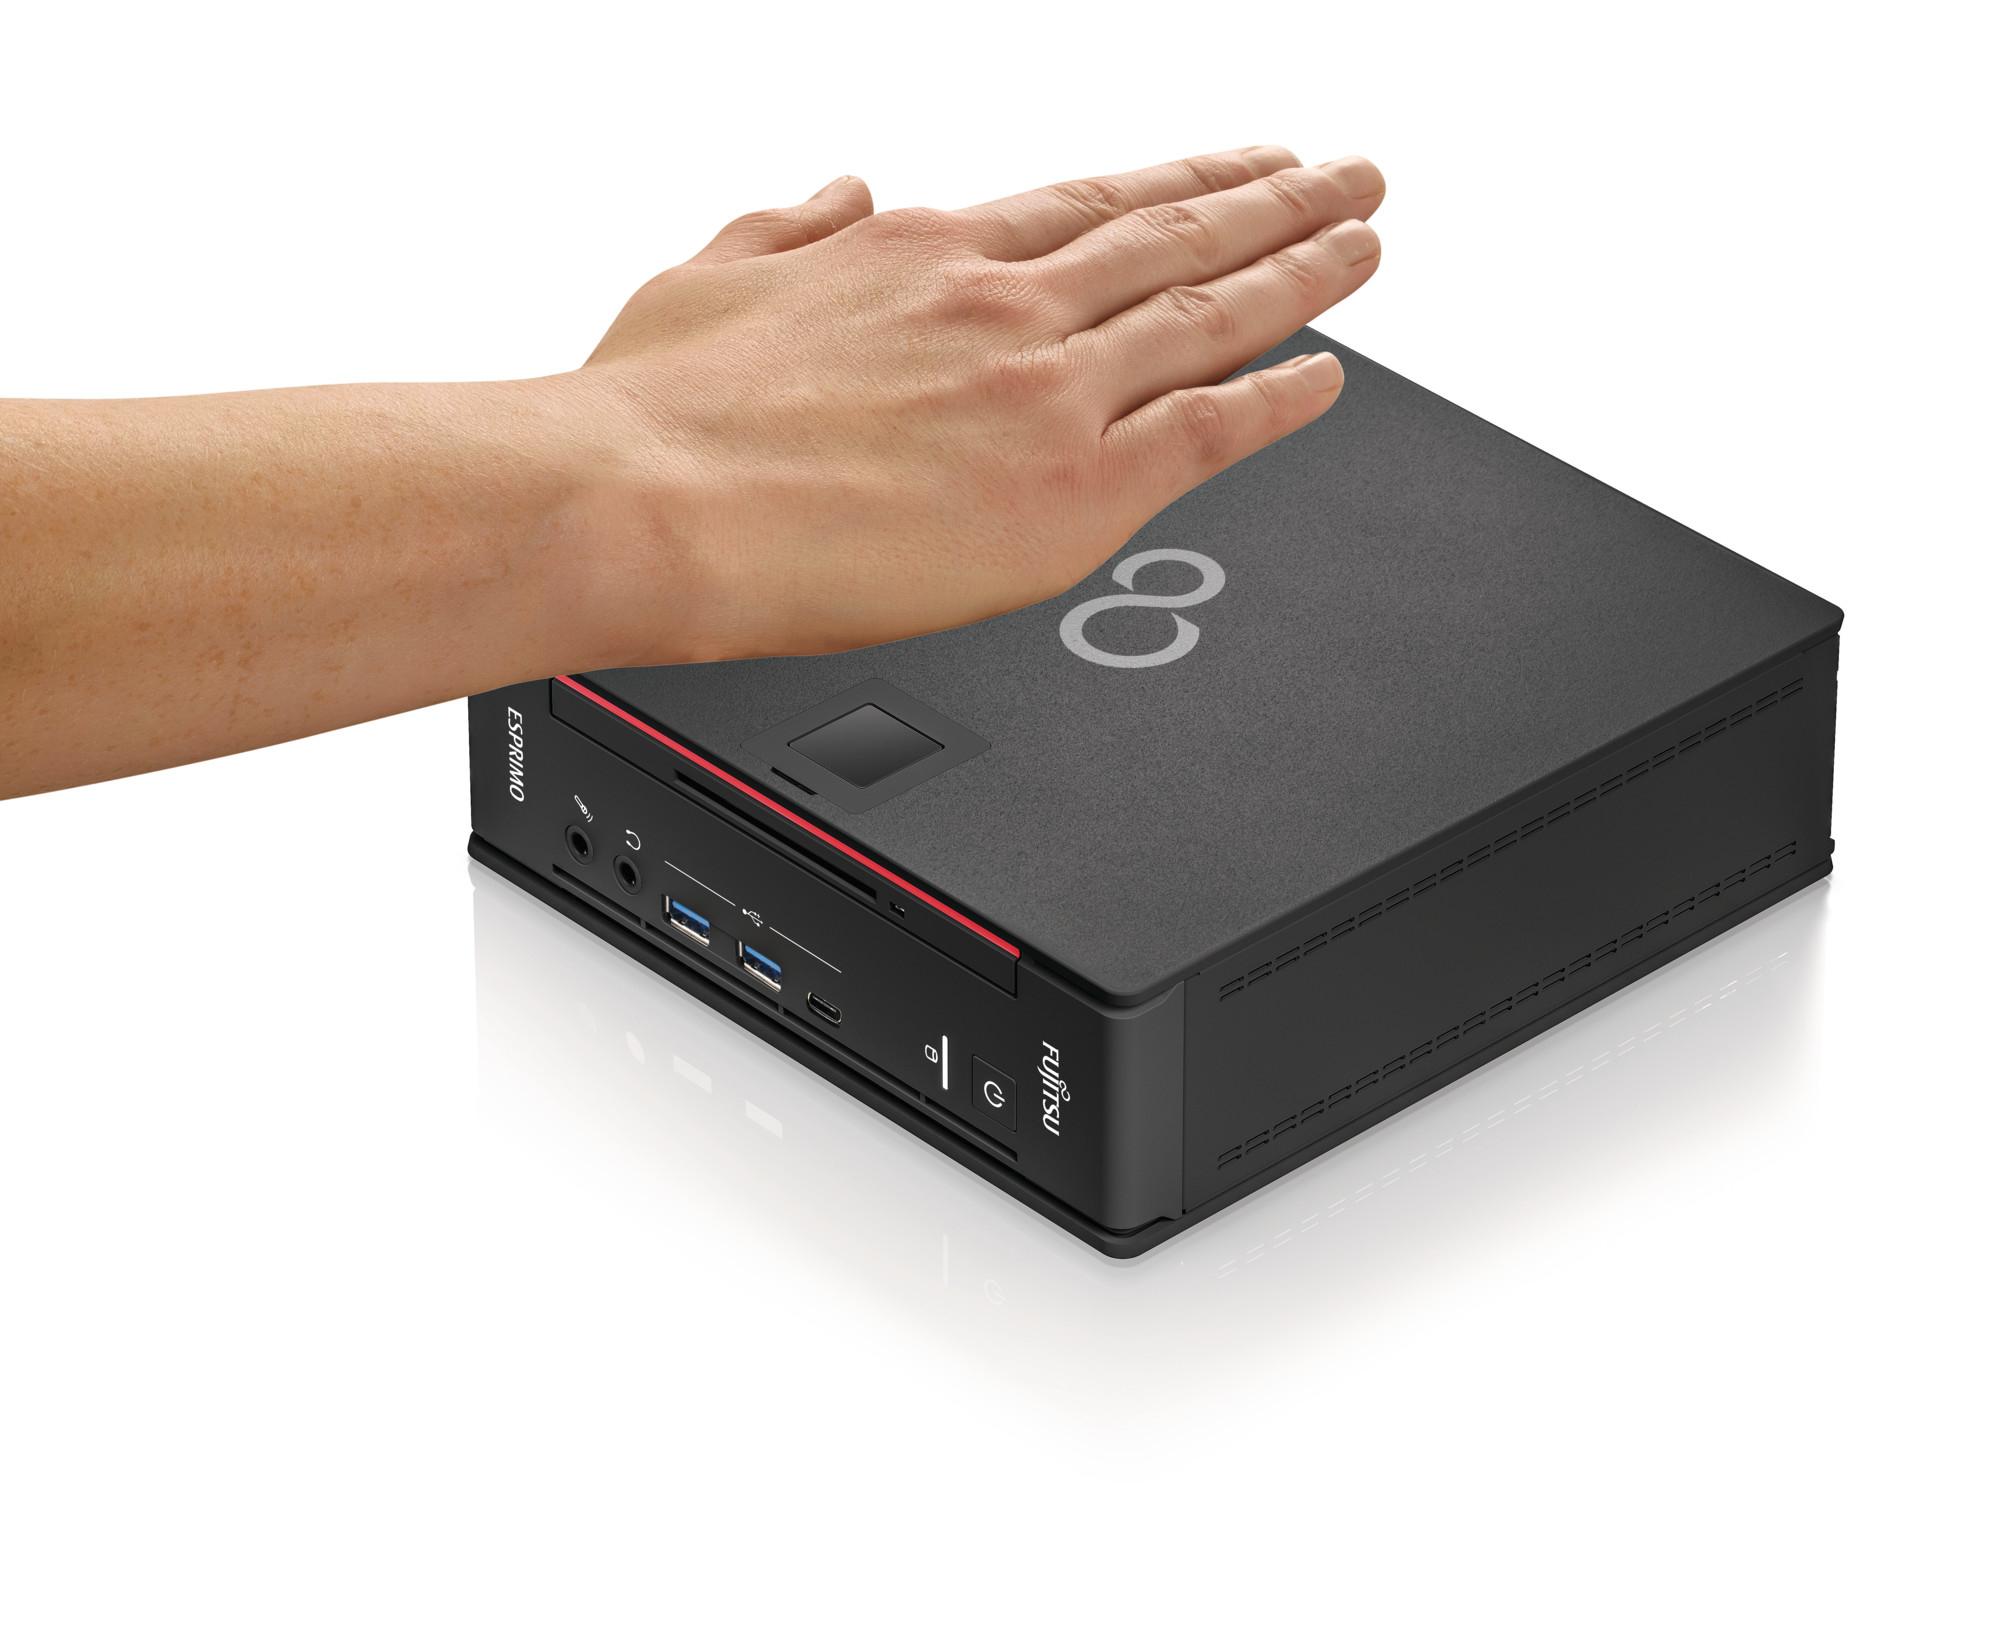 Fujitsu ESPRIMO Q958 - Mini-PC - Core i7 9700T / 2 GHz